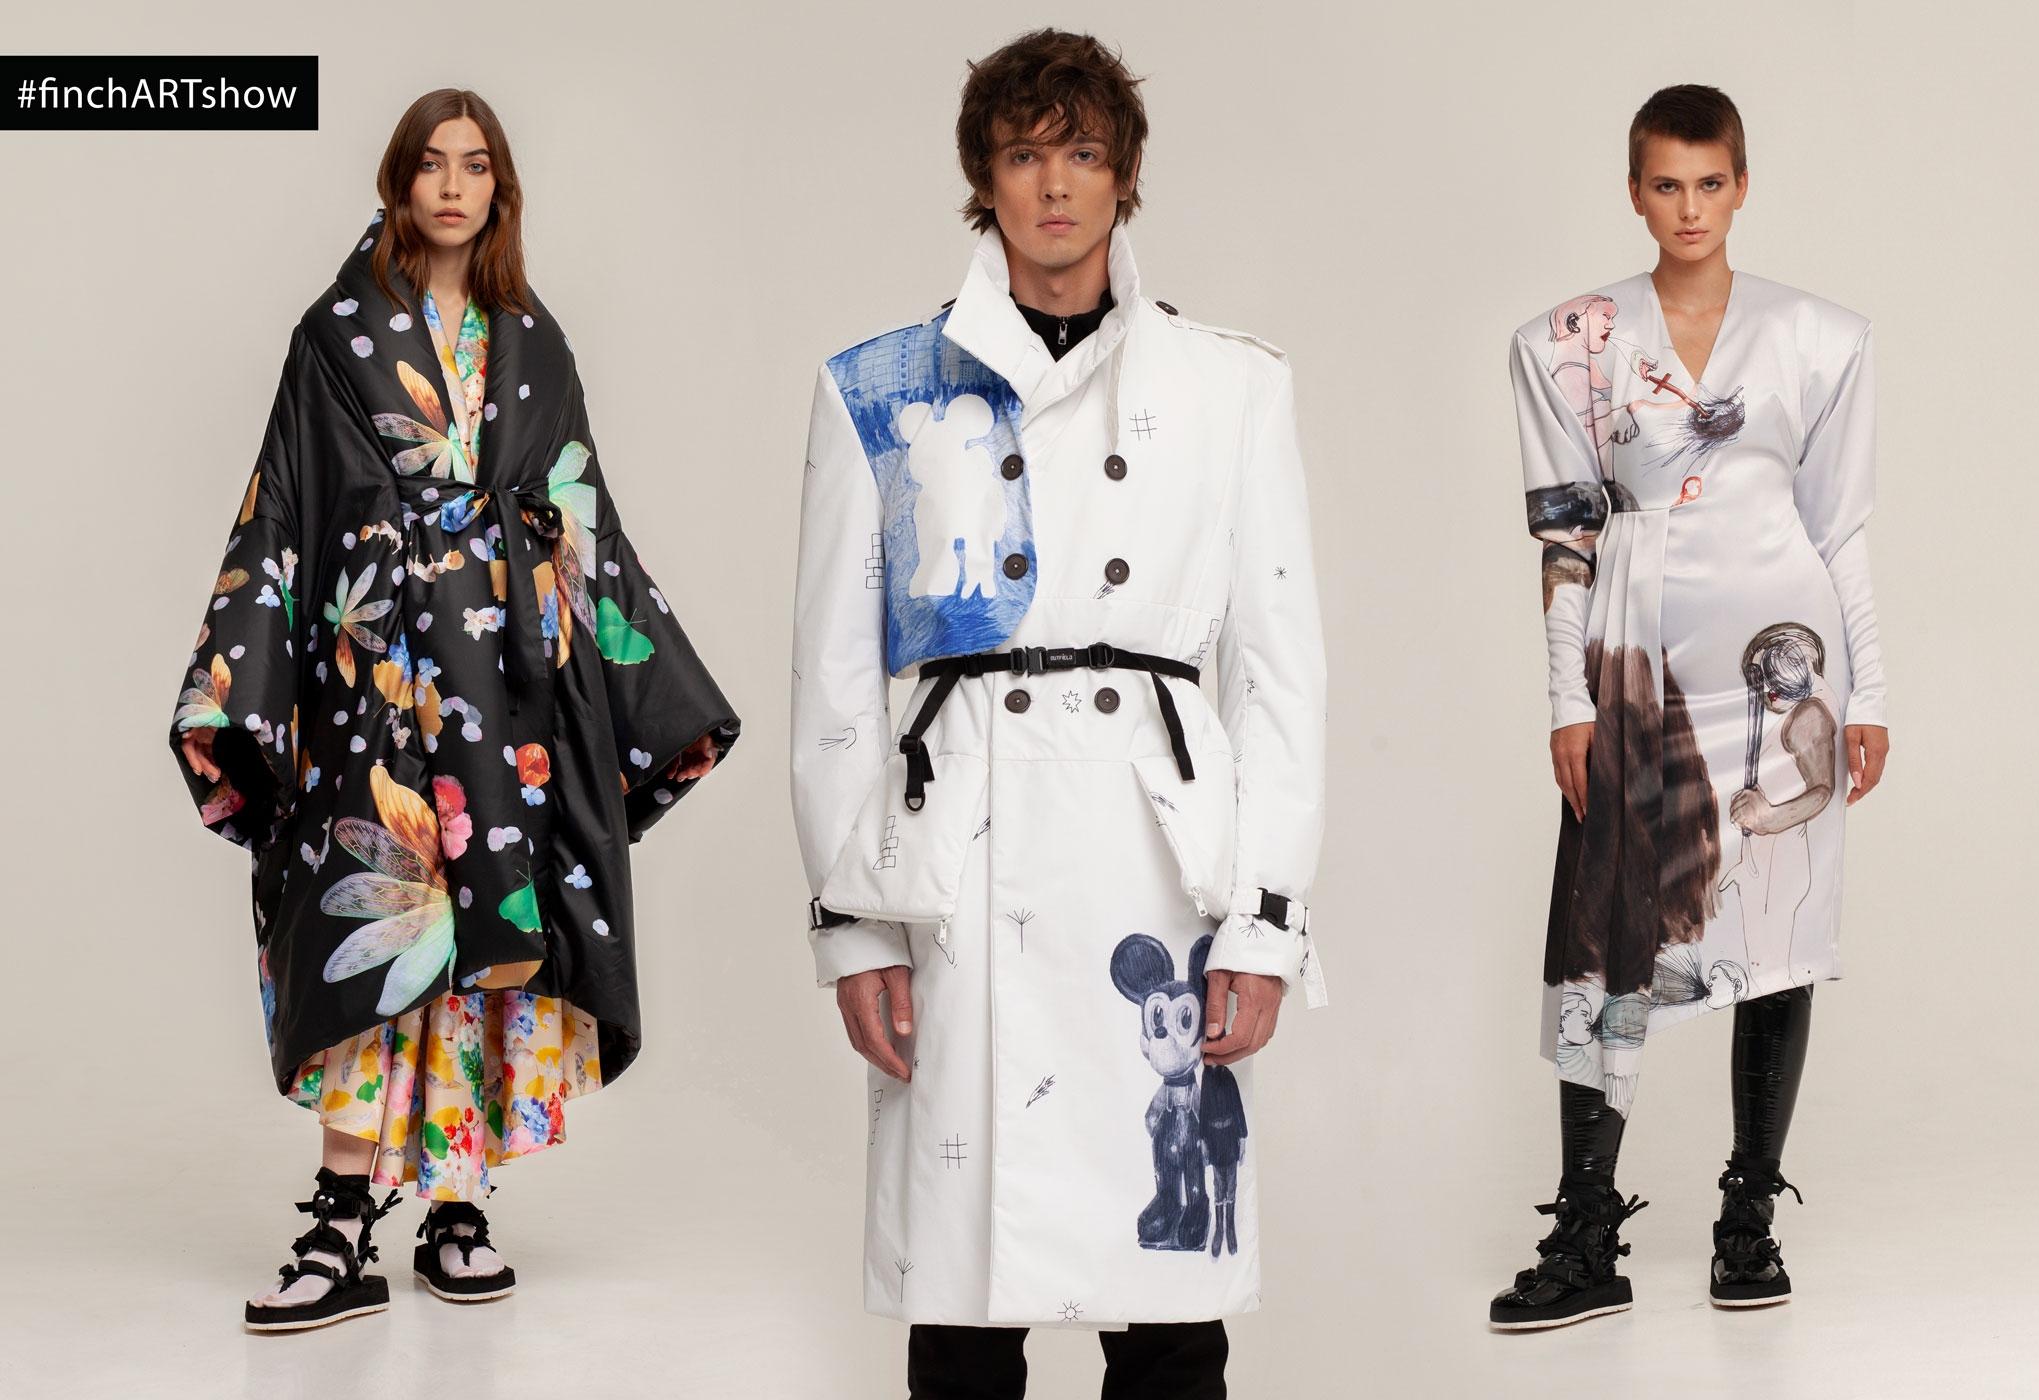 Искусство на одежде и много костюмов: чем запомнился третий день Ukrainian Fashion Week noseason sept 2021 - фото №9